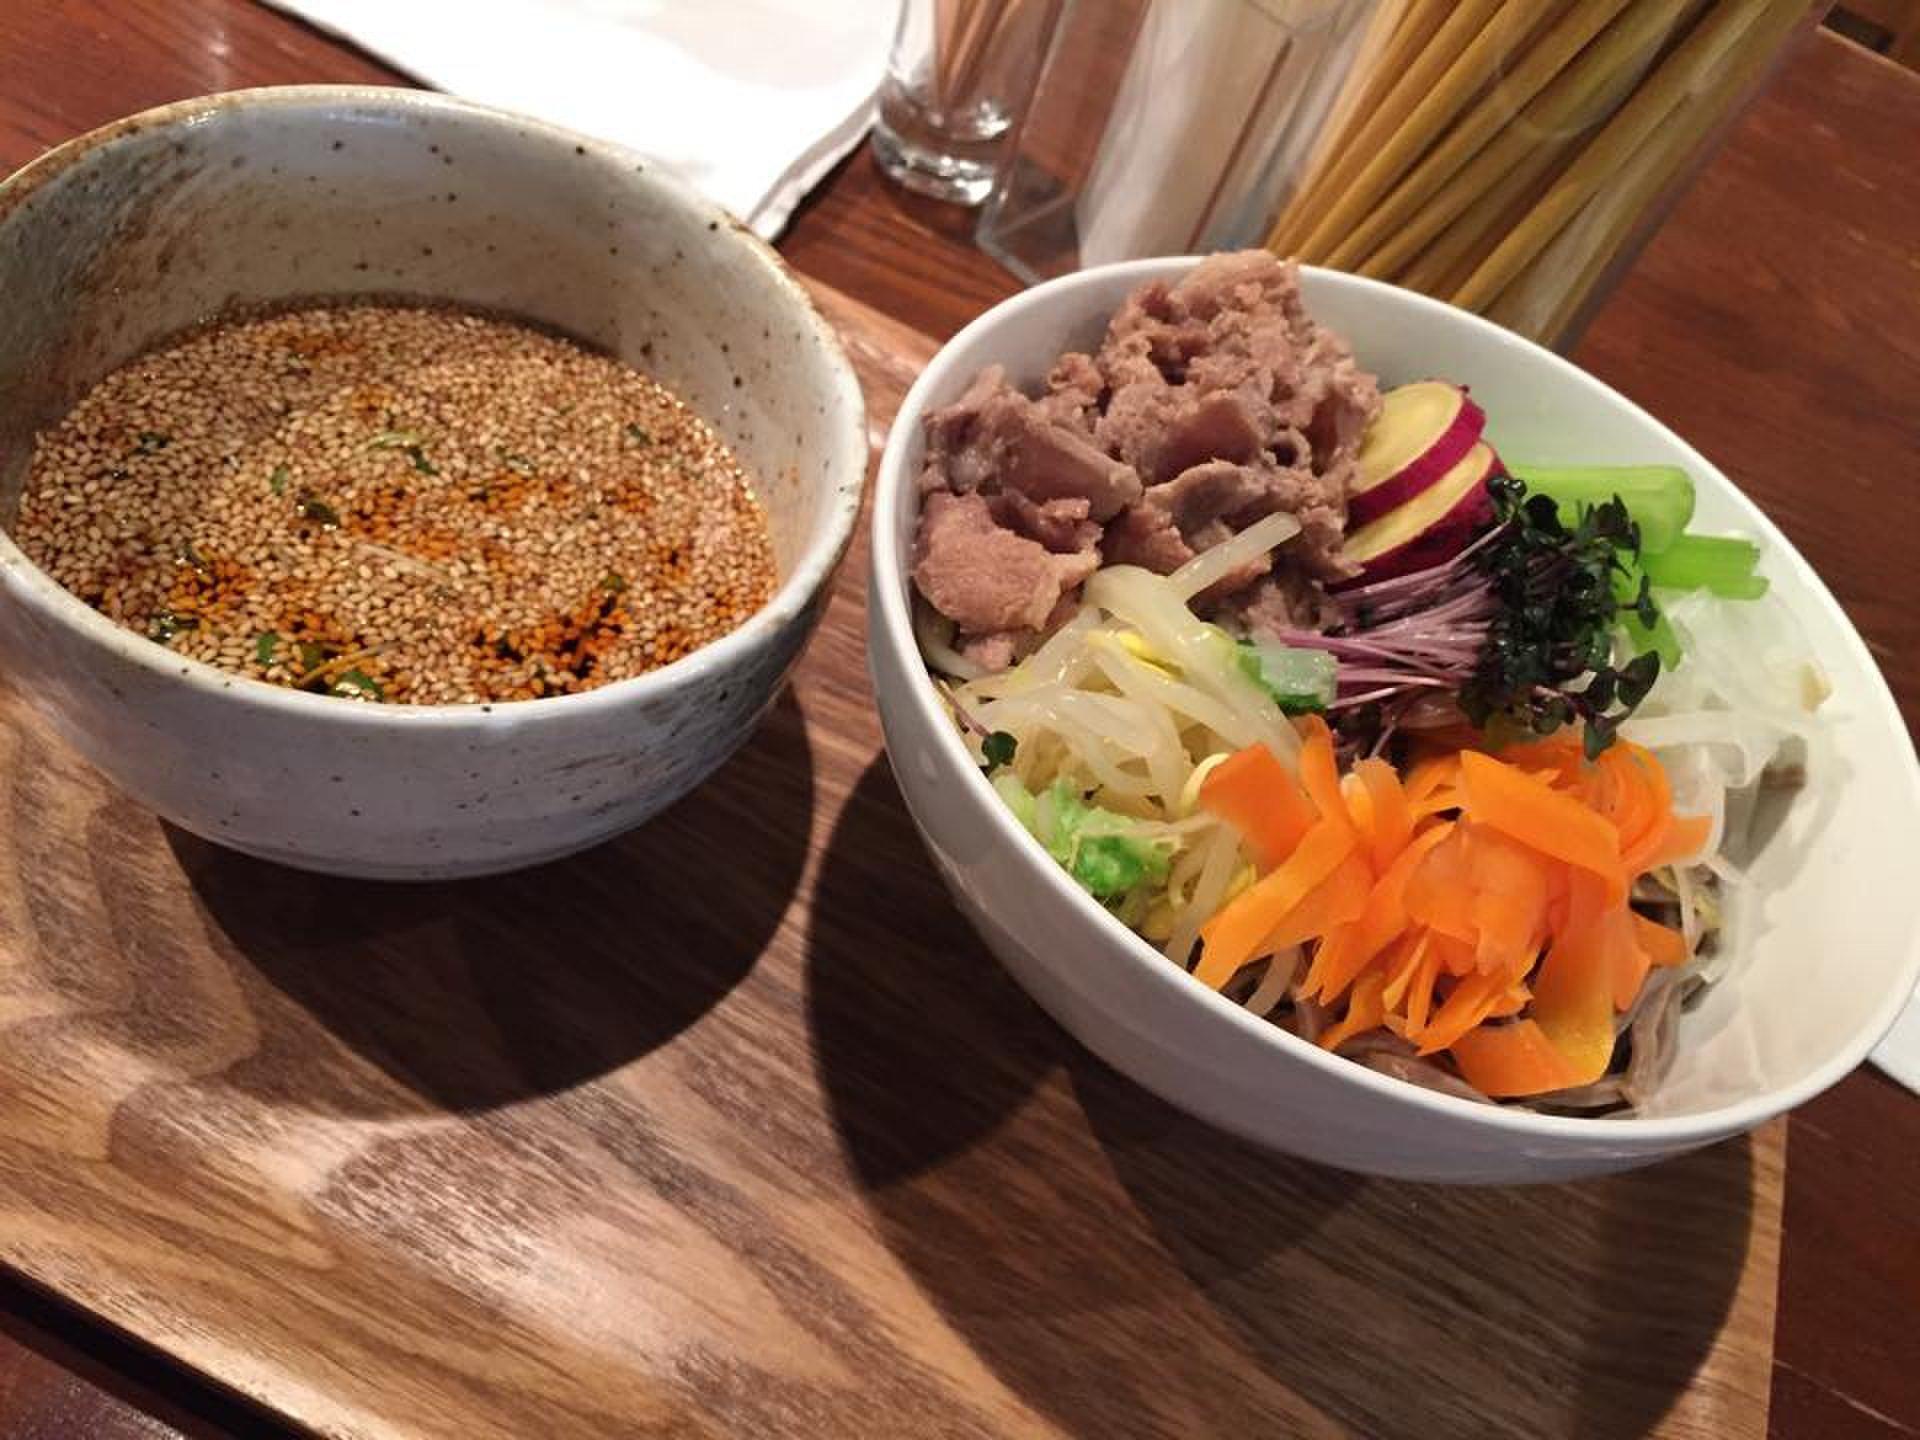 【沖縄料理店で食べる絶品そば】ベジタリアンや女性におすすめ!!TAMAで食べるヘルシー肉野菜そば